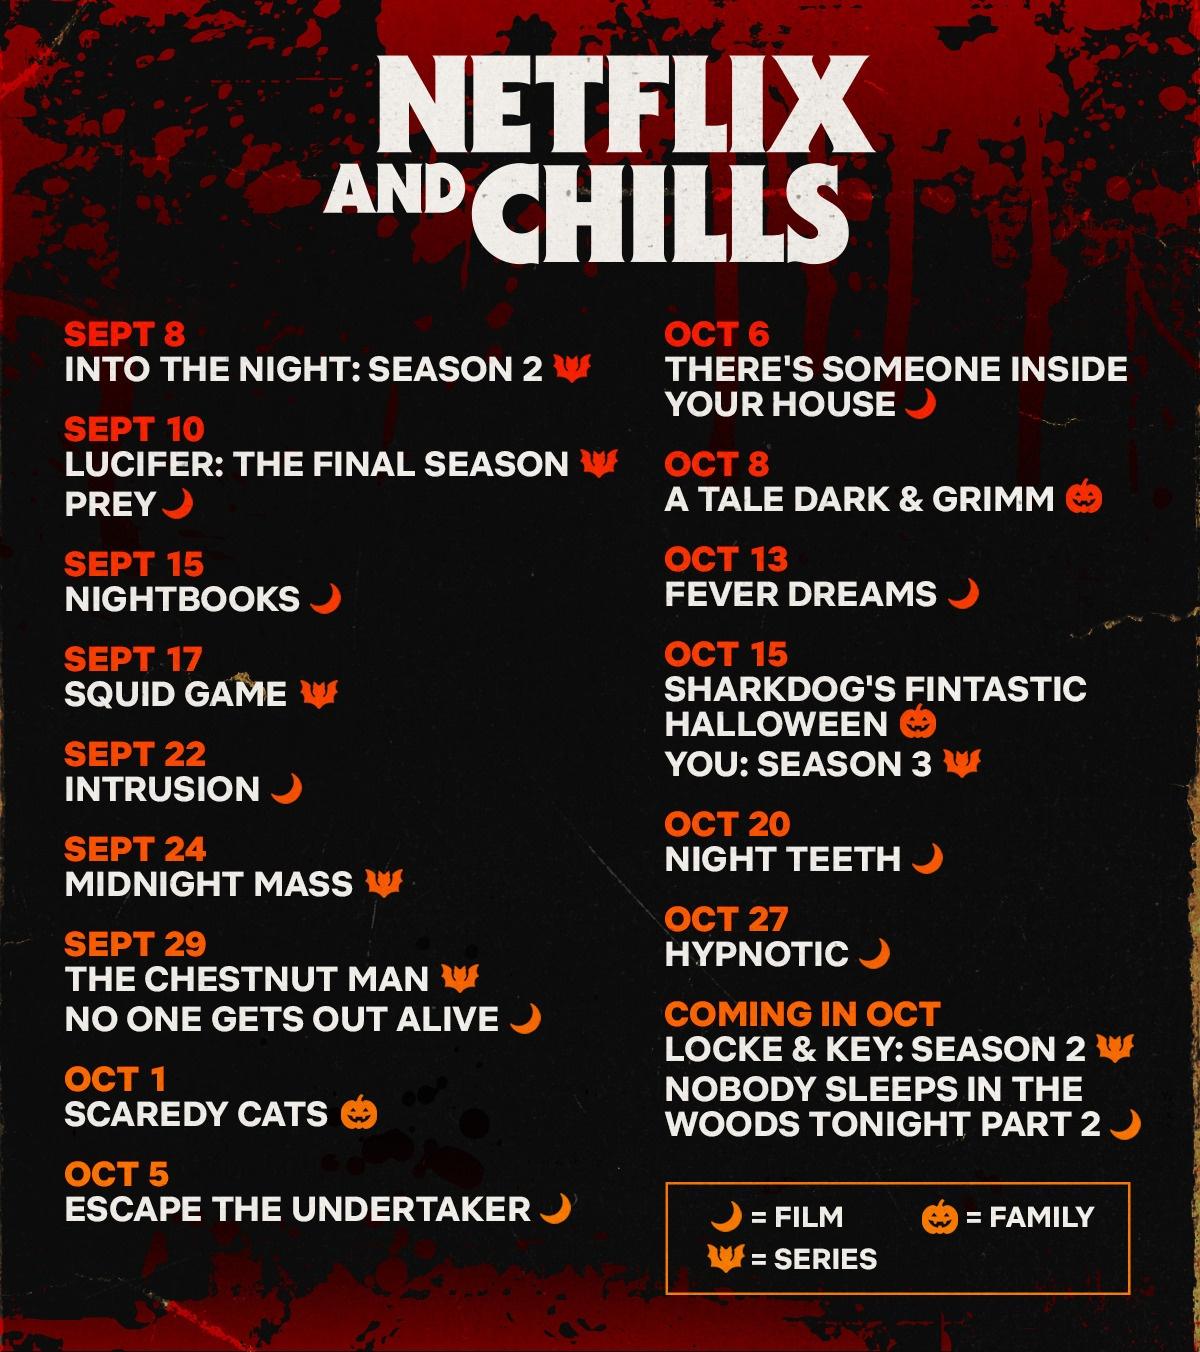 Netflix Chills  - Netflix and Chills : ce que Netflix vous réserve pour Halloween (Sorties Septembre et Octobre 2021)